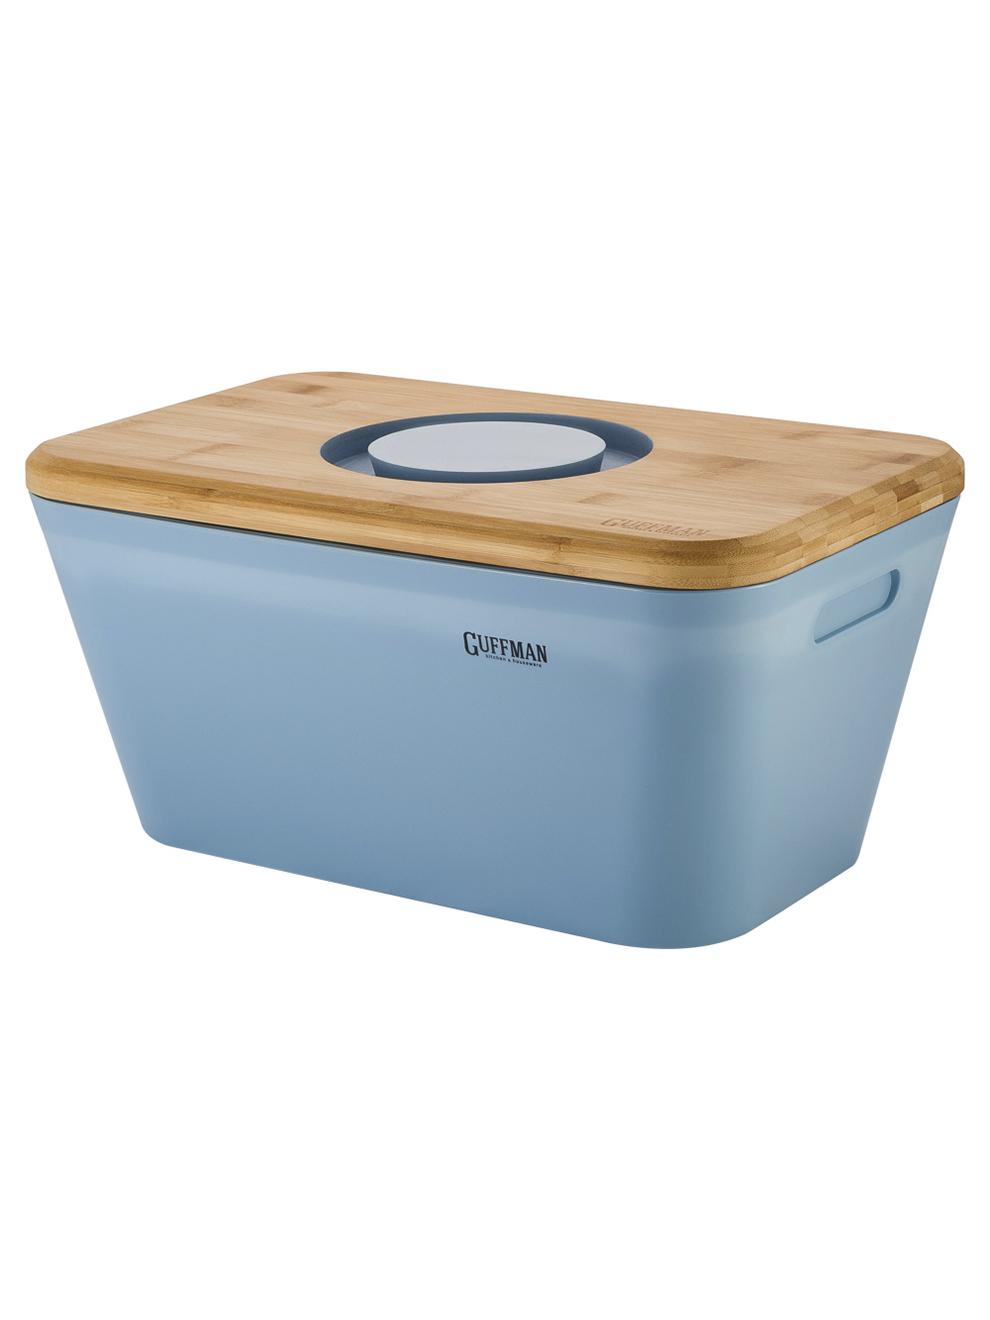 Хлебница с разделочной доской-крышкой Guffman голубая